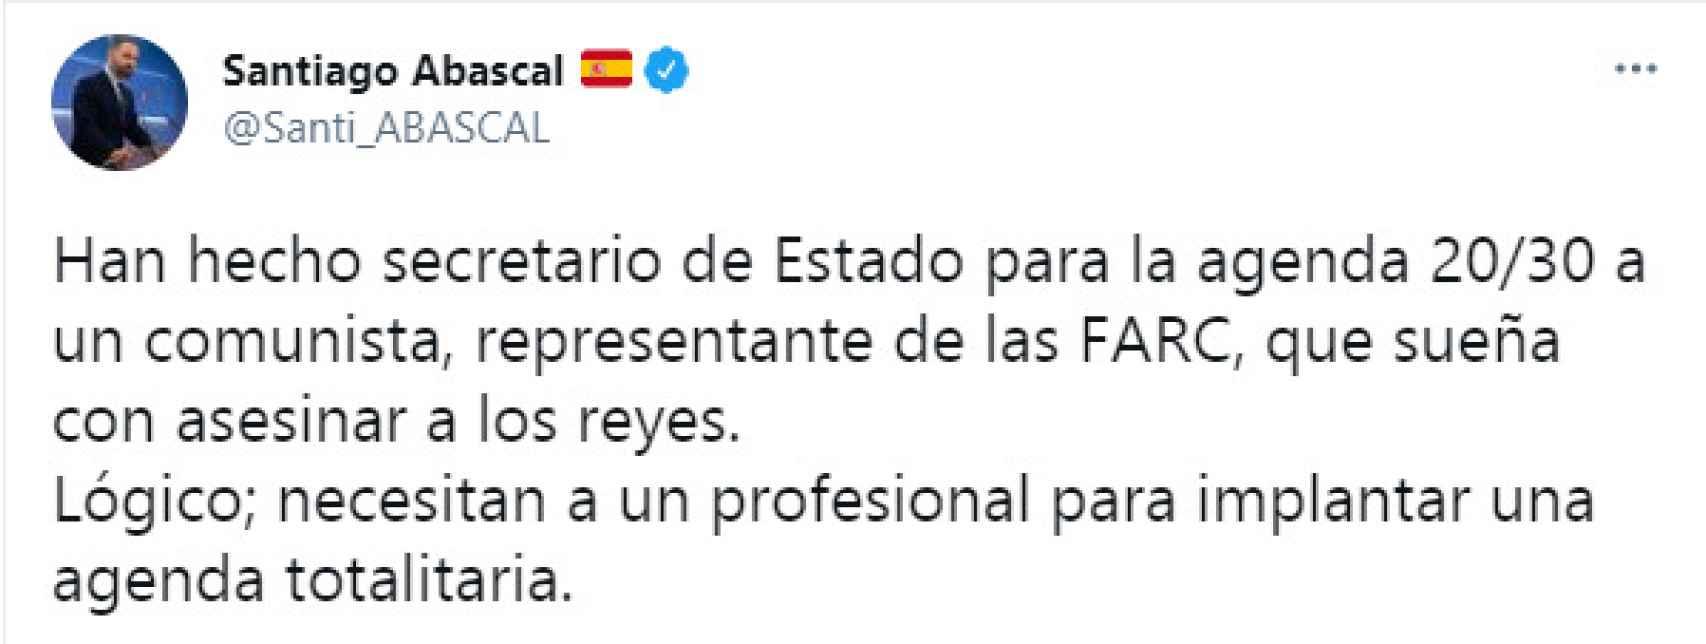 Santiago Abascal sobre el nombramiento de Enrique Santiago como secretario de Estado.